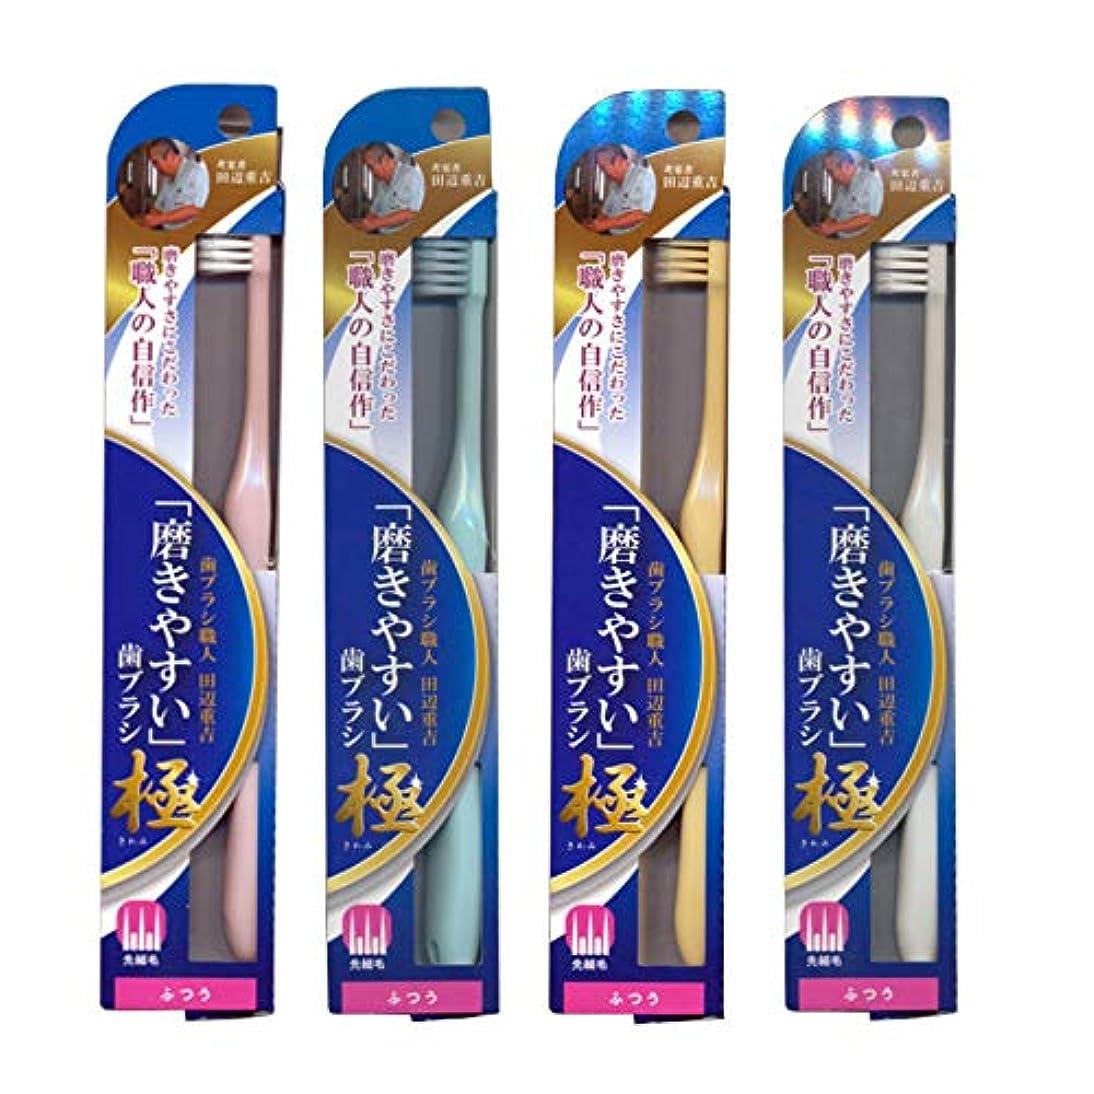 相対的毎回いつも磨きやすい歯ブラシ極 (ふつう) LT-44×4本セット(ピンク×1、ブルー×1、ホワイト×1、イエロー×1)先細毛